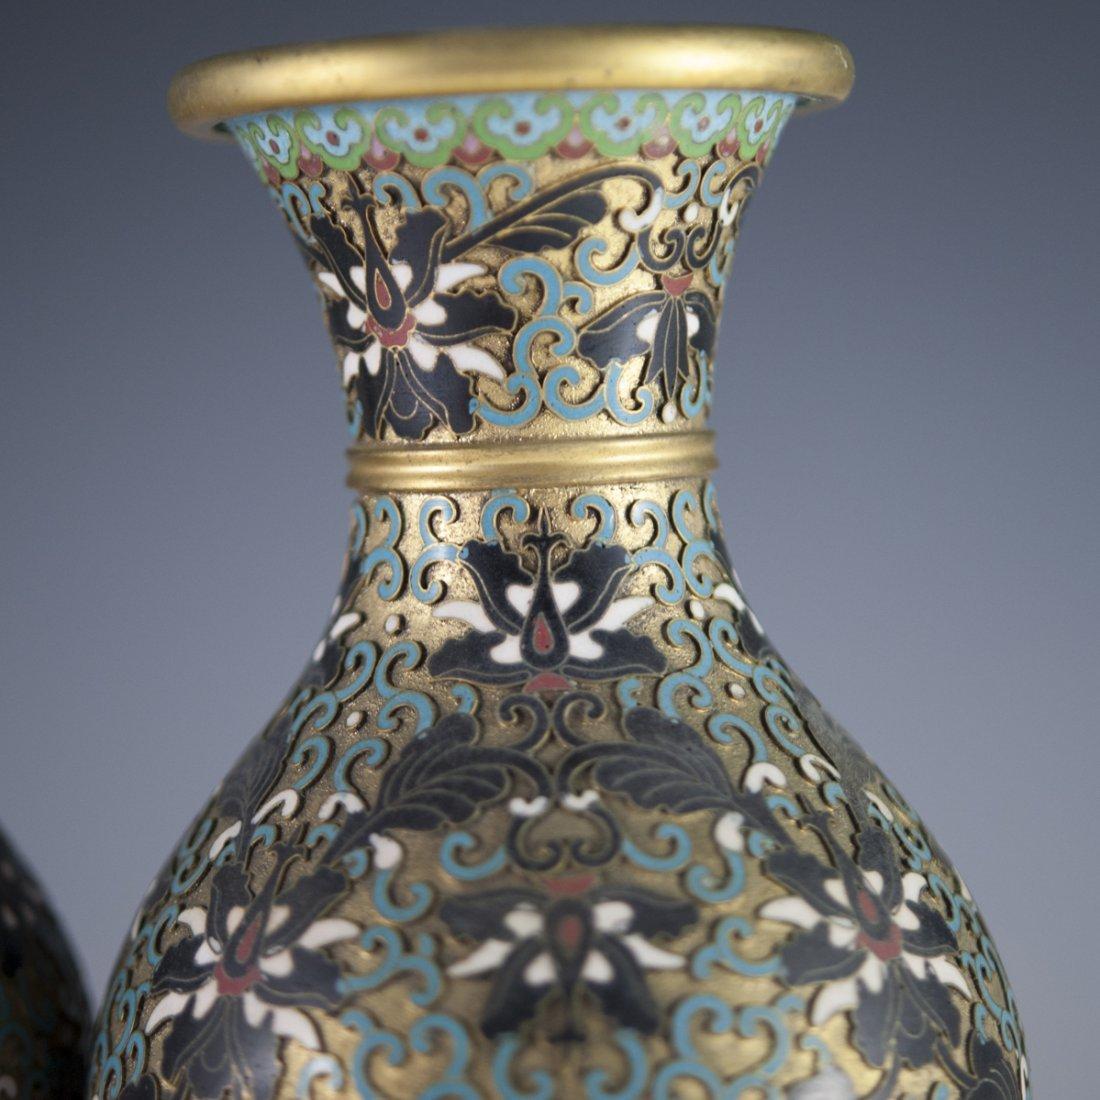 Vintage Cloisonne Enameled Vases - 4